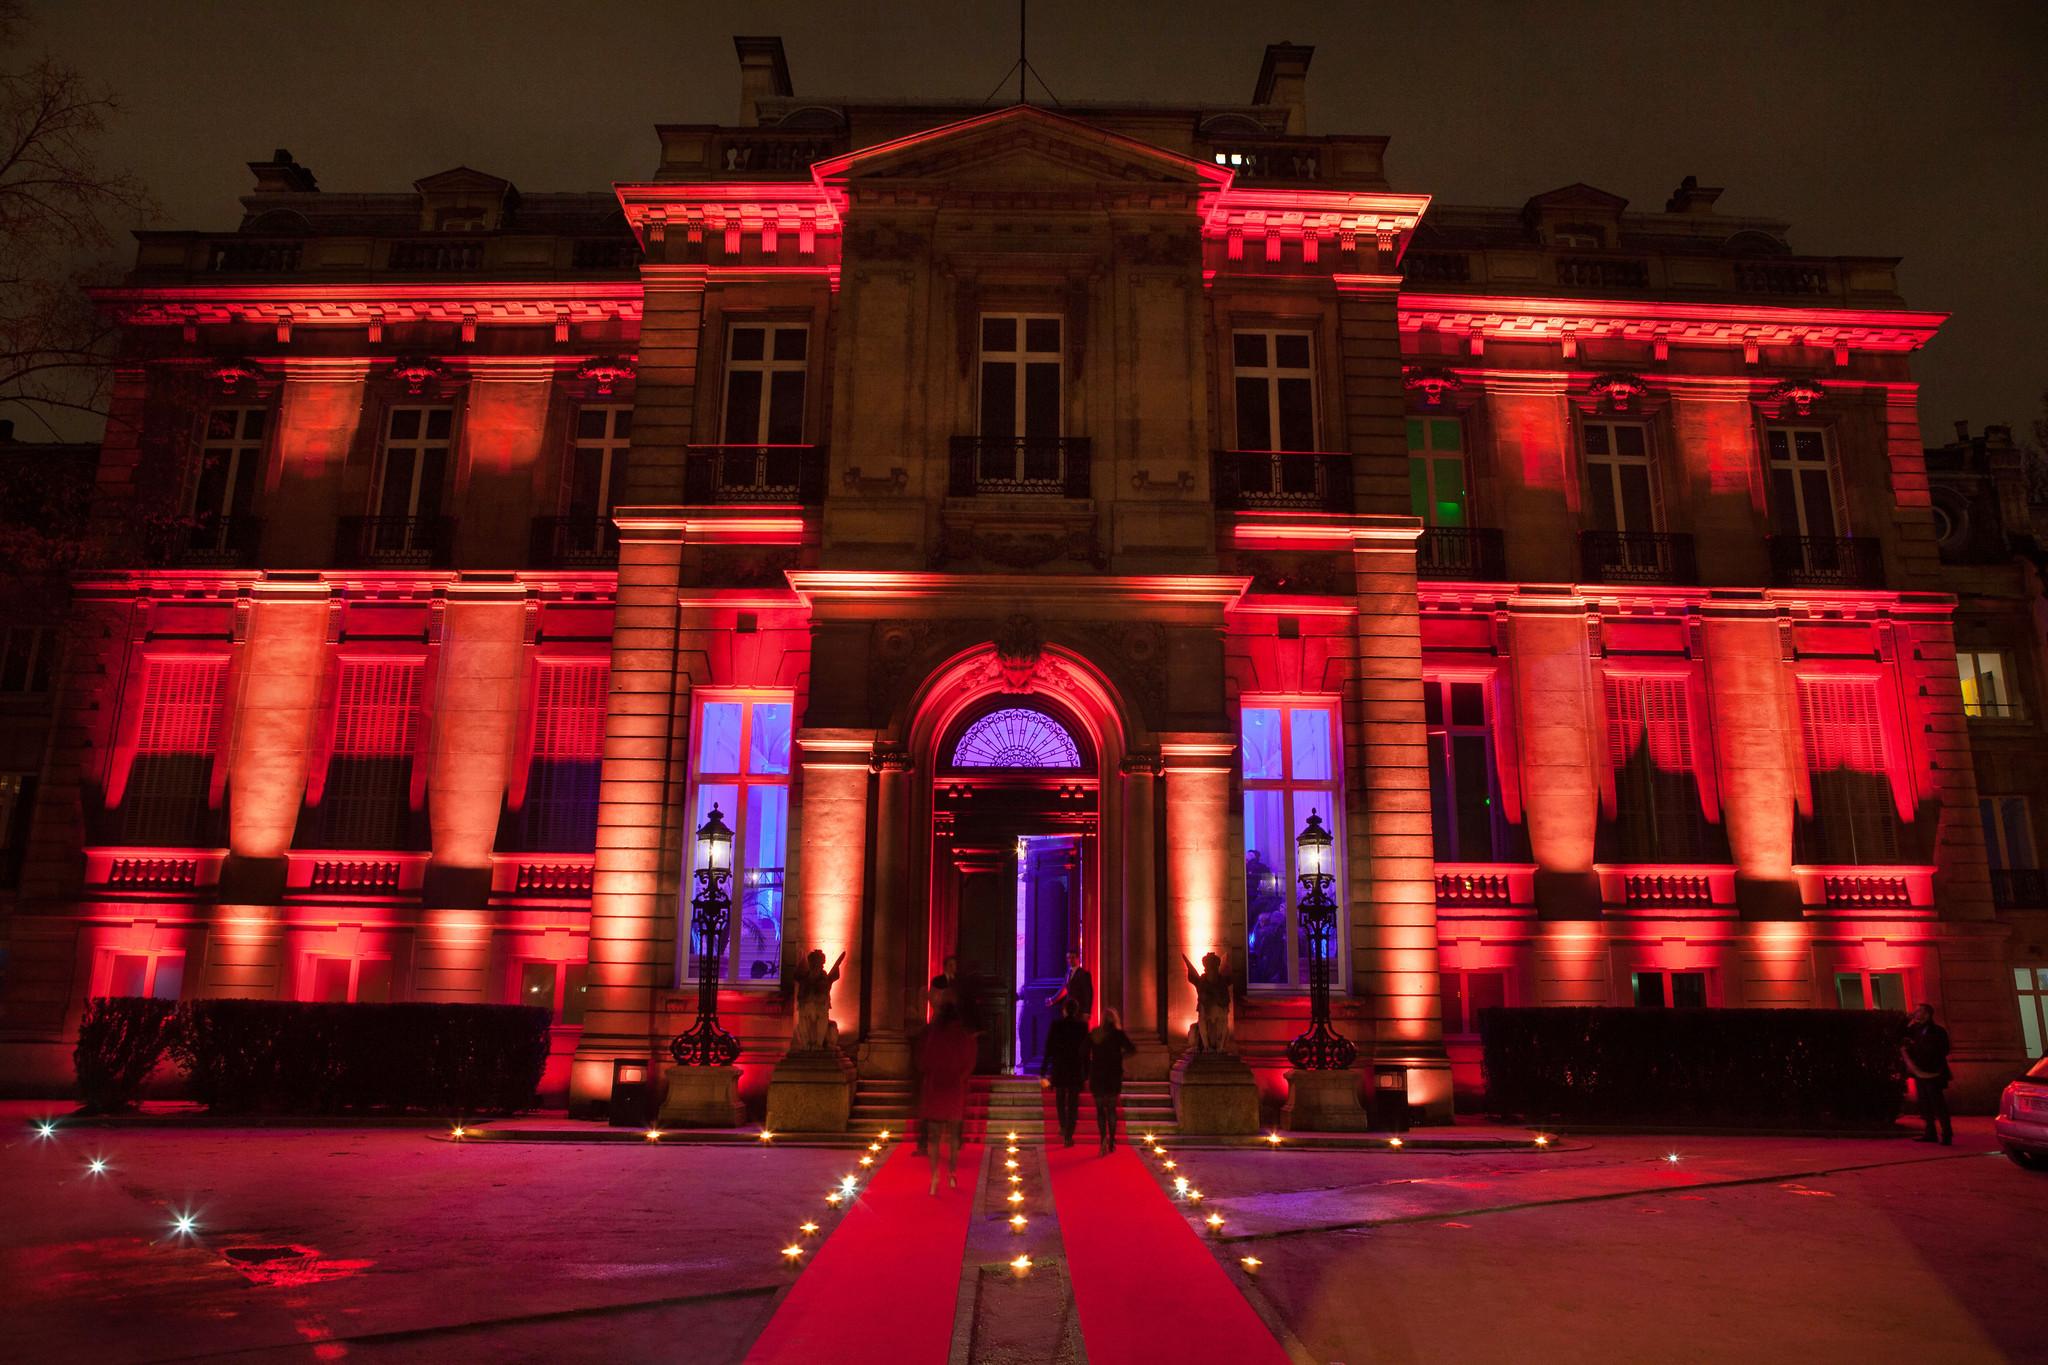 Remise de décoration Patrick Wajsman à l'hôtel Salomon de Rothschild